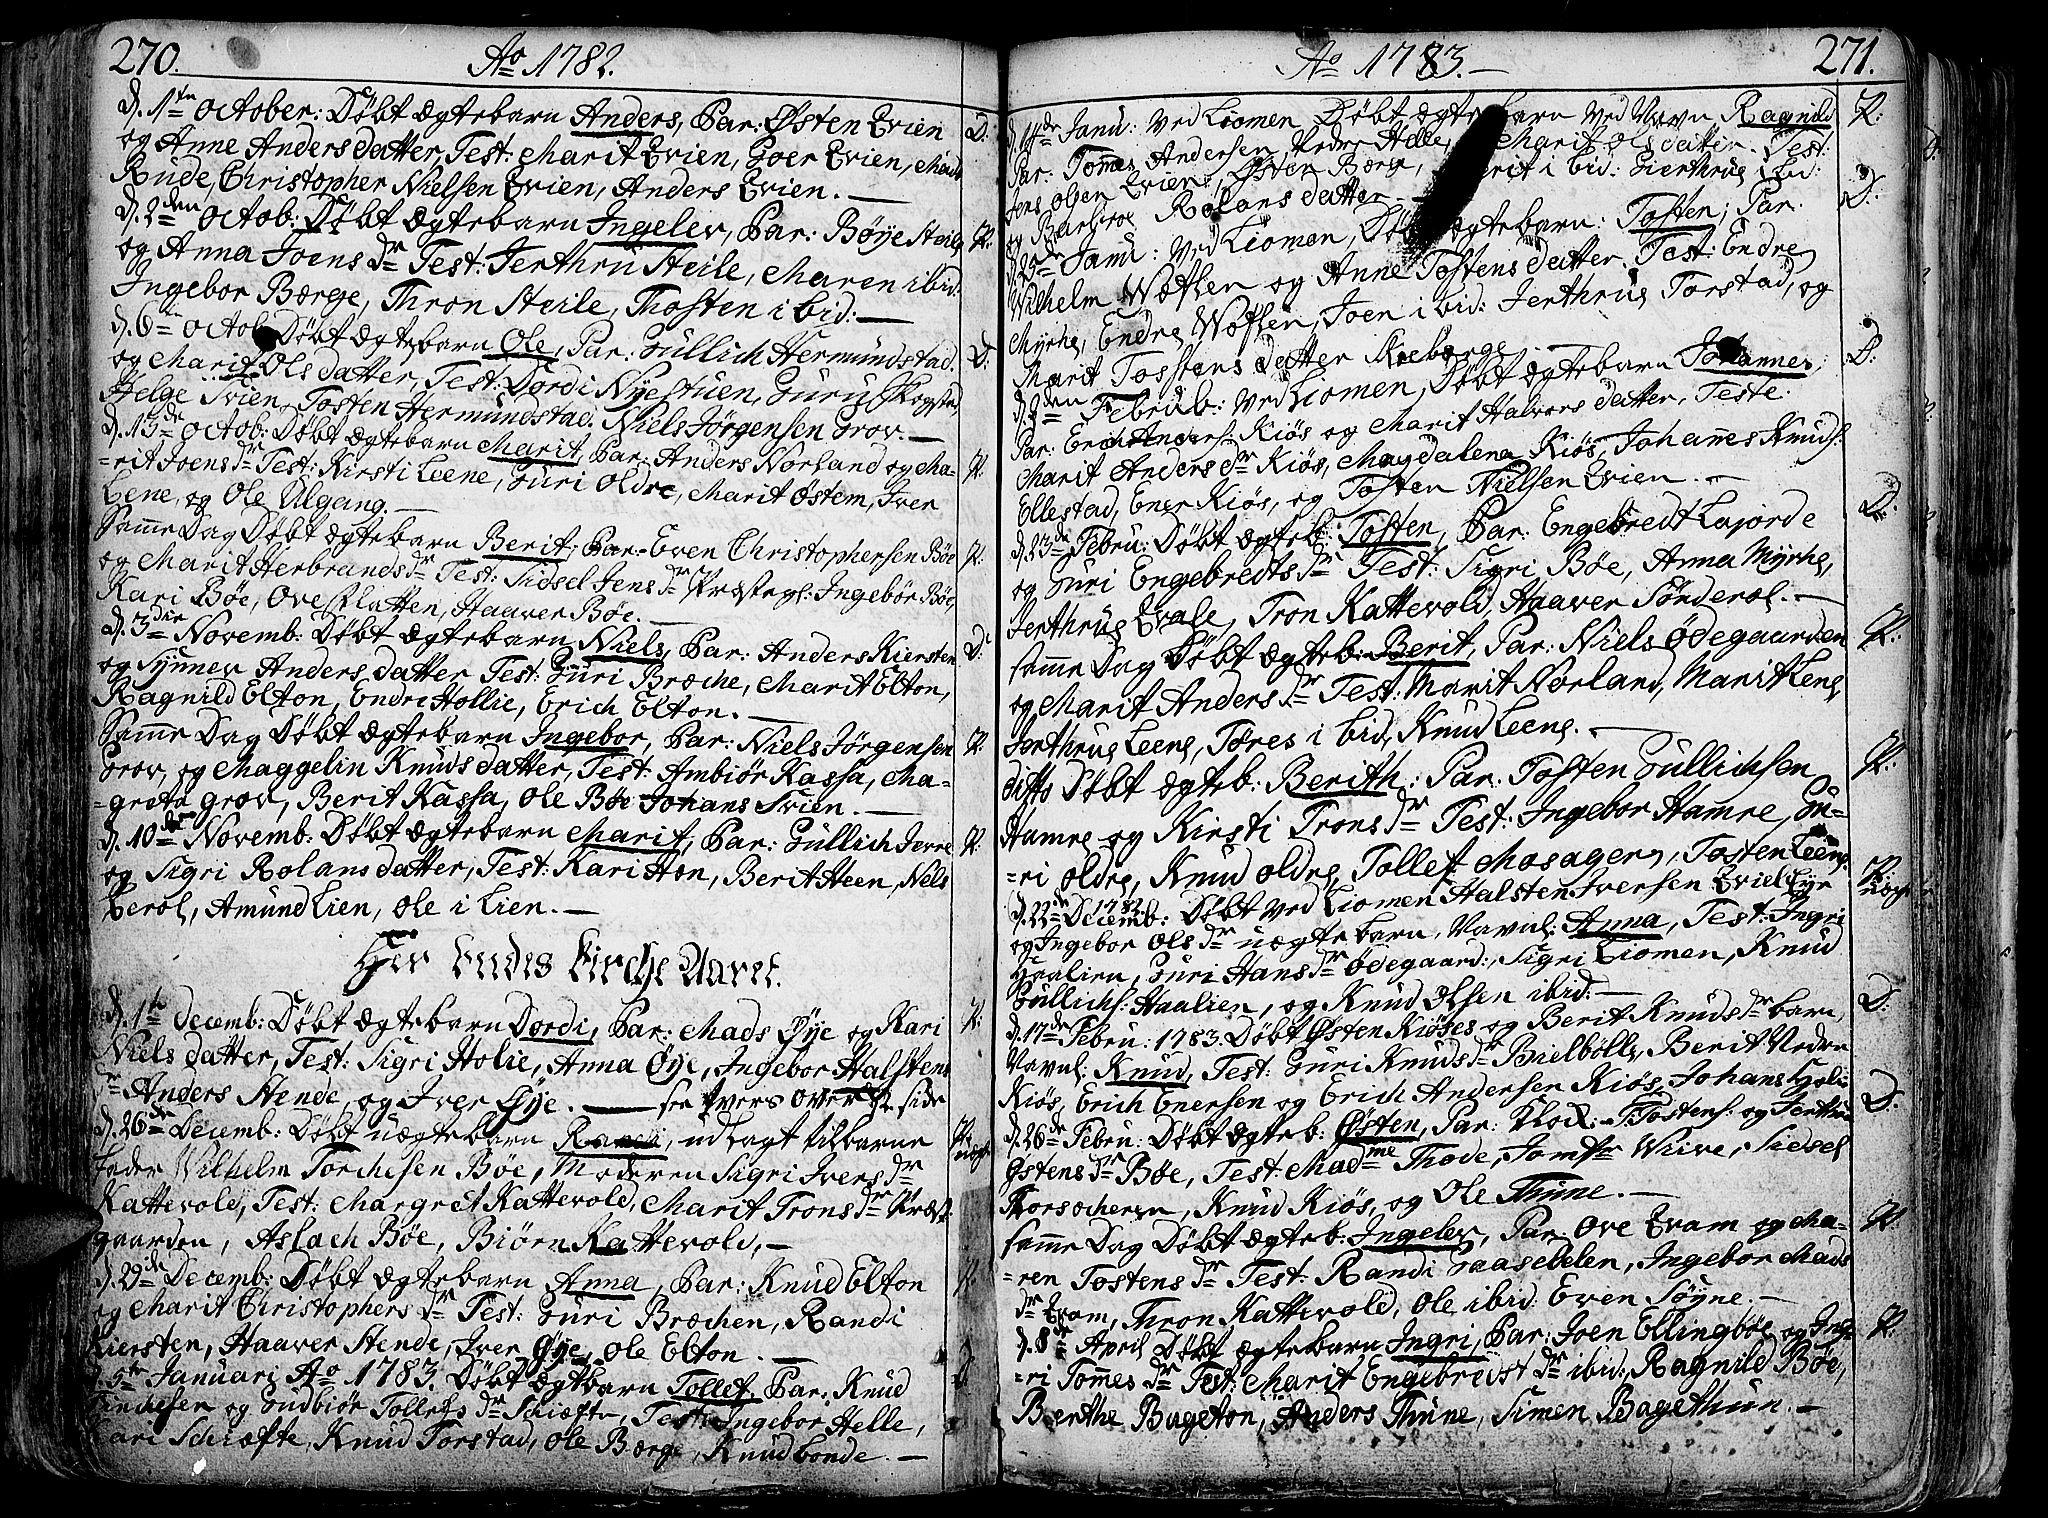 SAH, Vang prestekontor, Valdres, Ministerialbok nr. 1, 1730-1796, s. 270-271